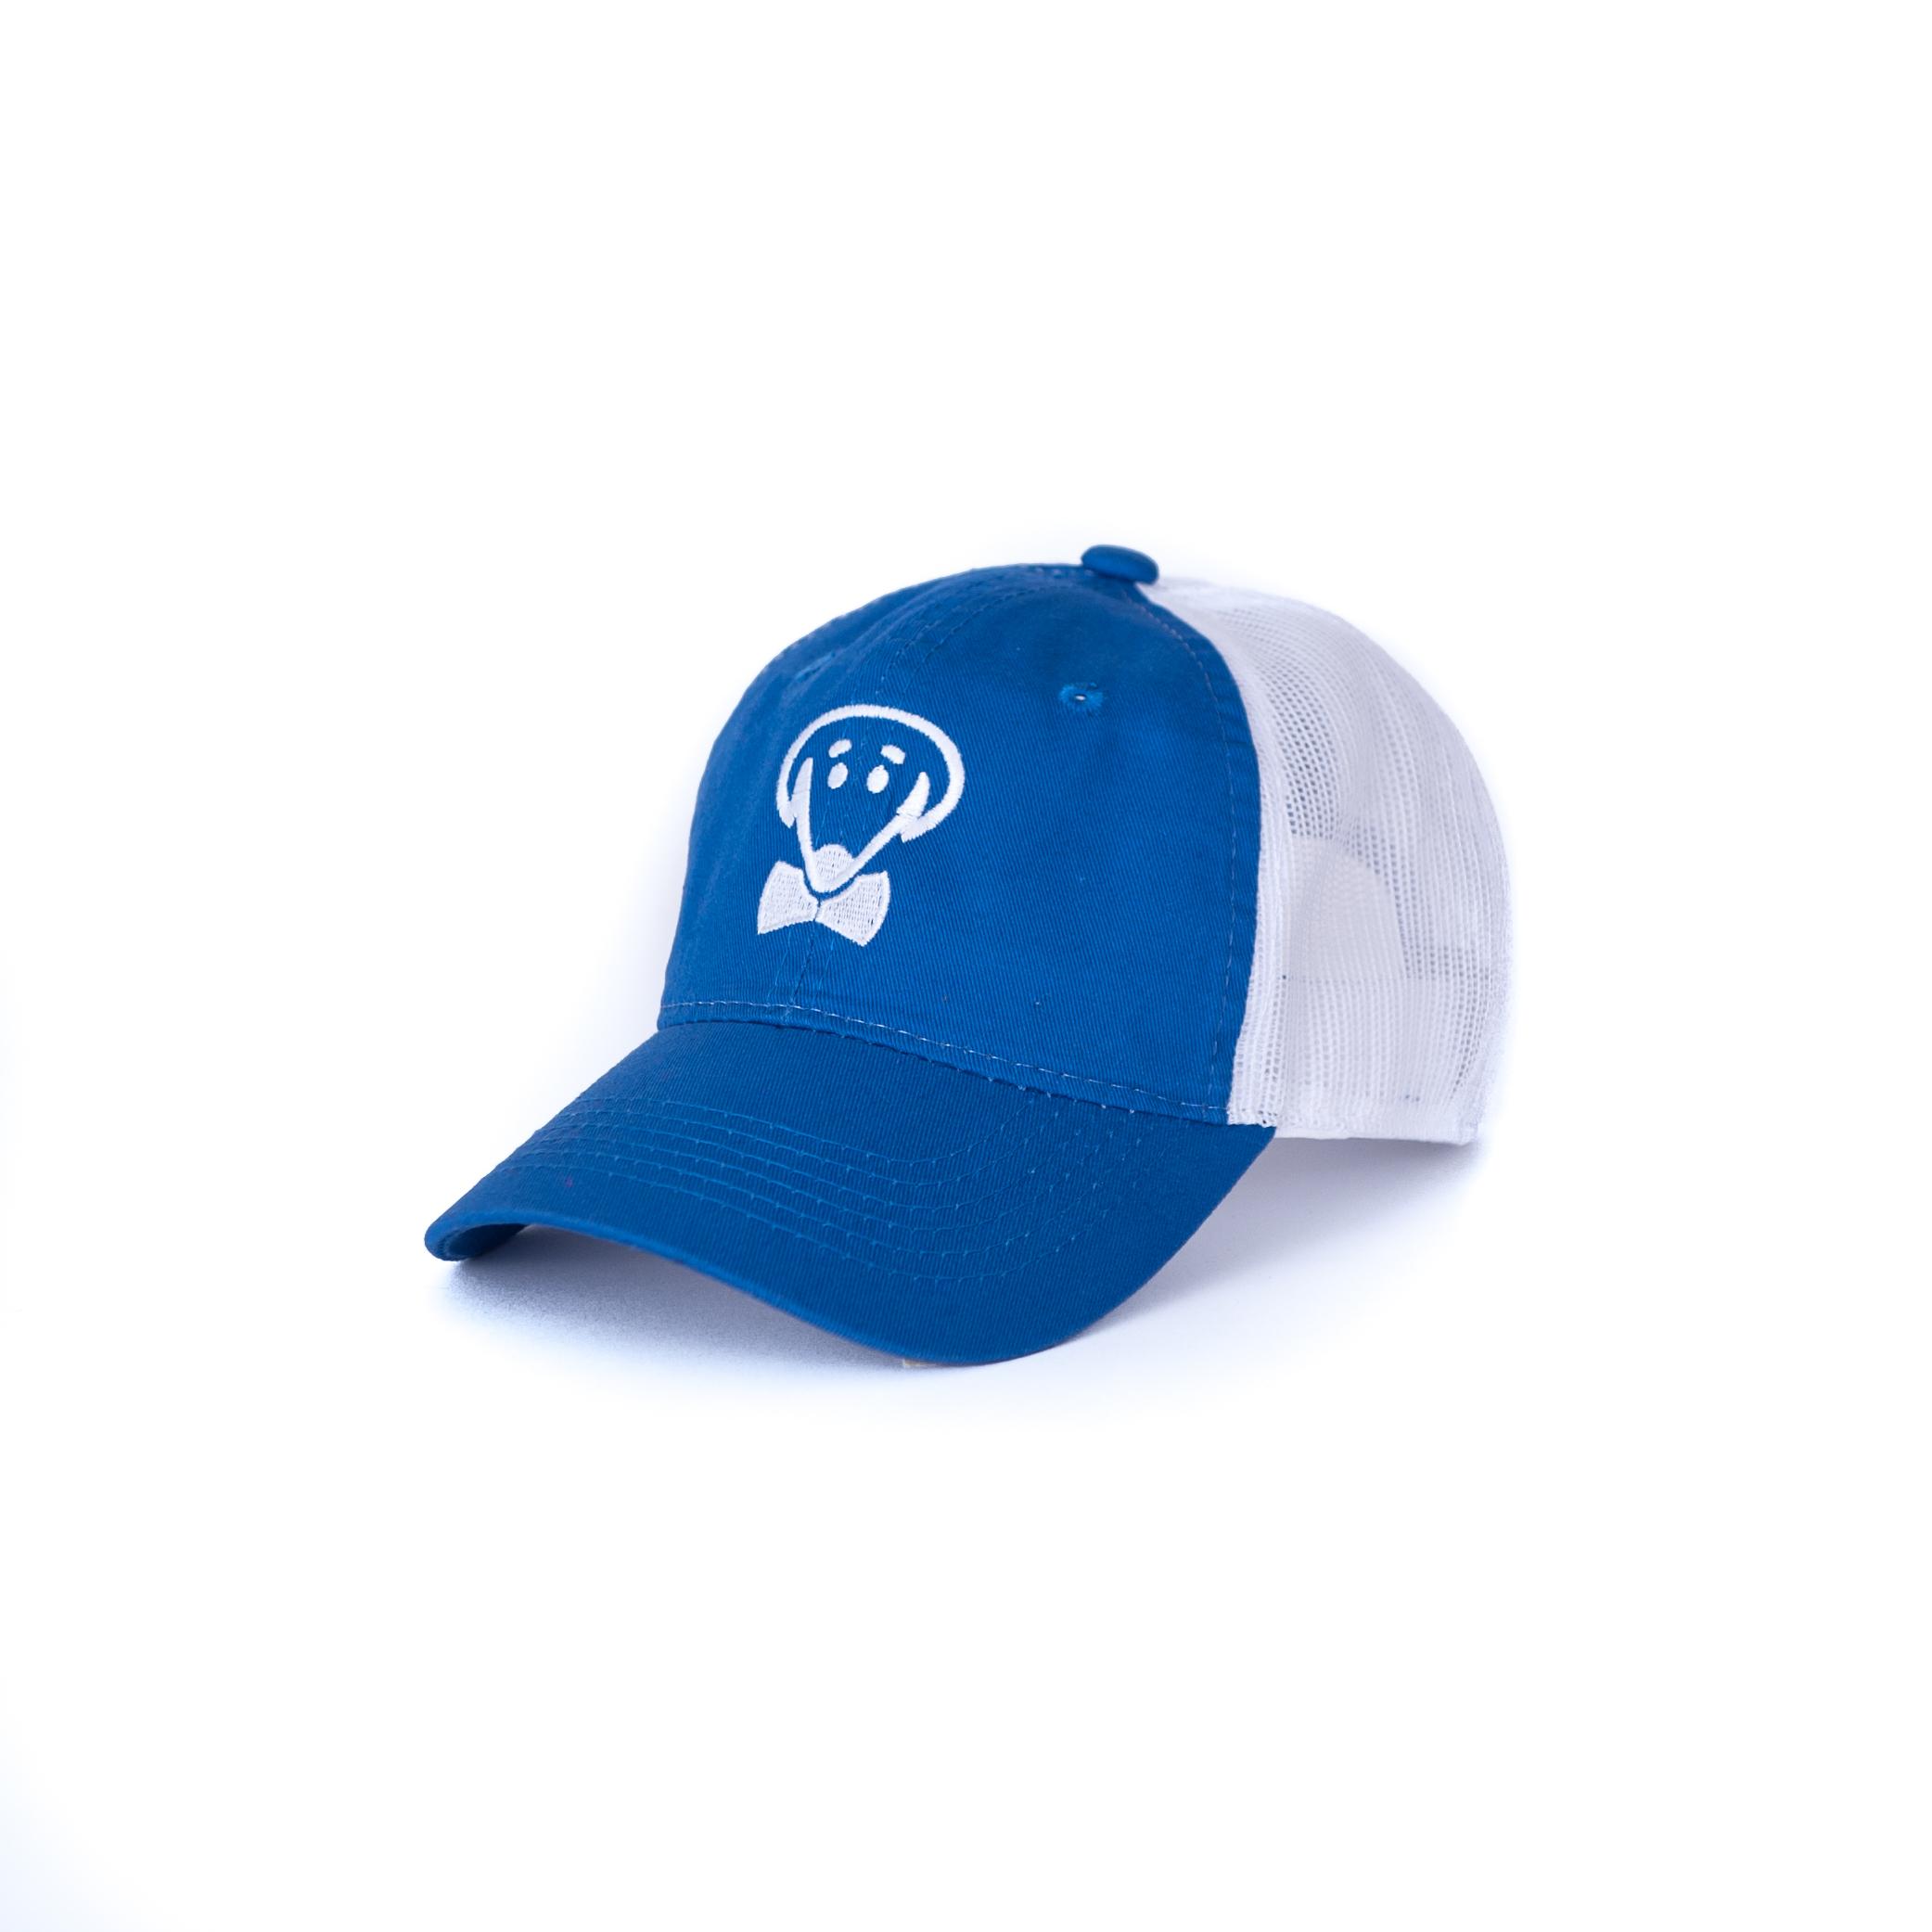 Beau Tyler – Brett Baseball Cap – Royal blue and white